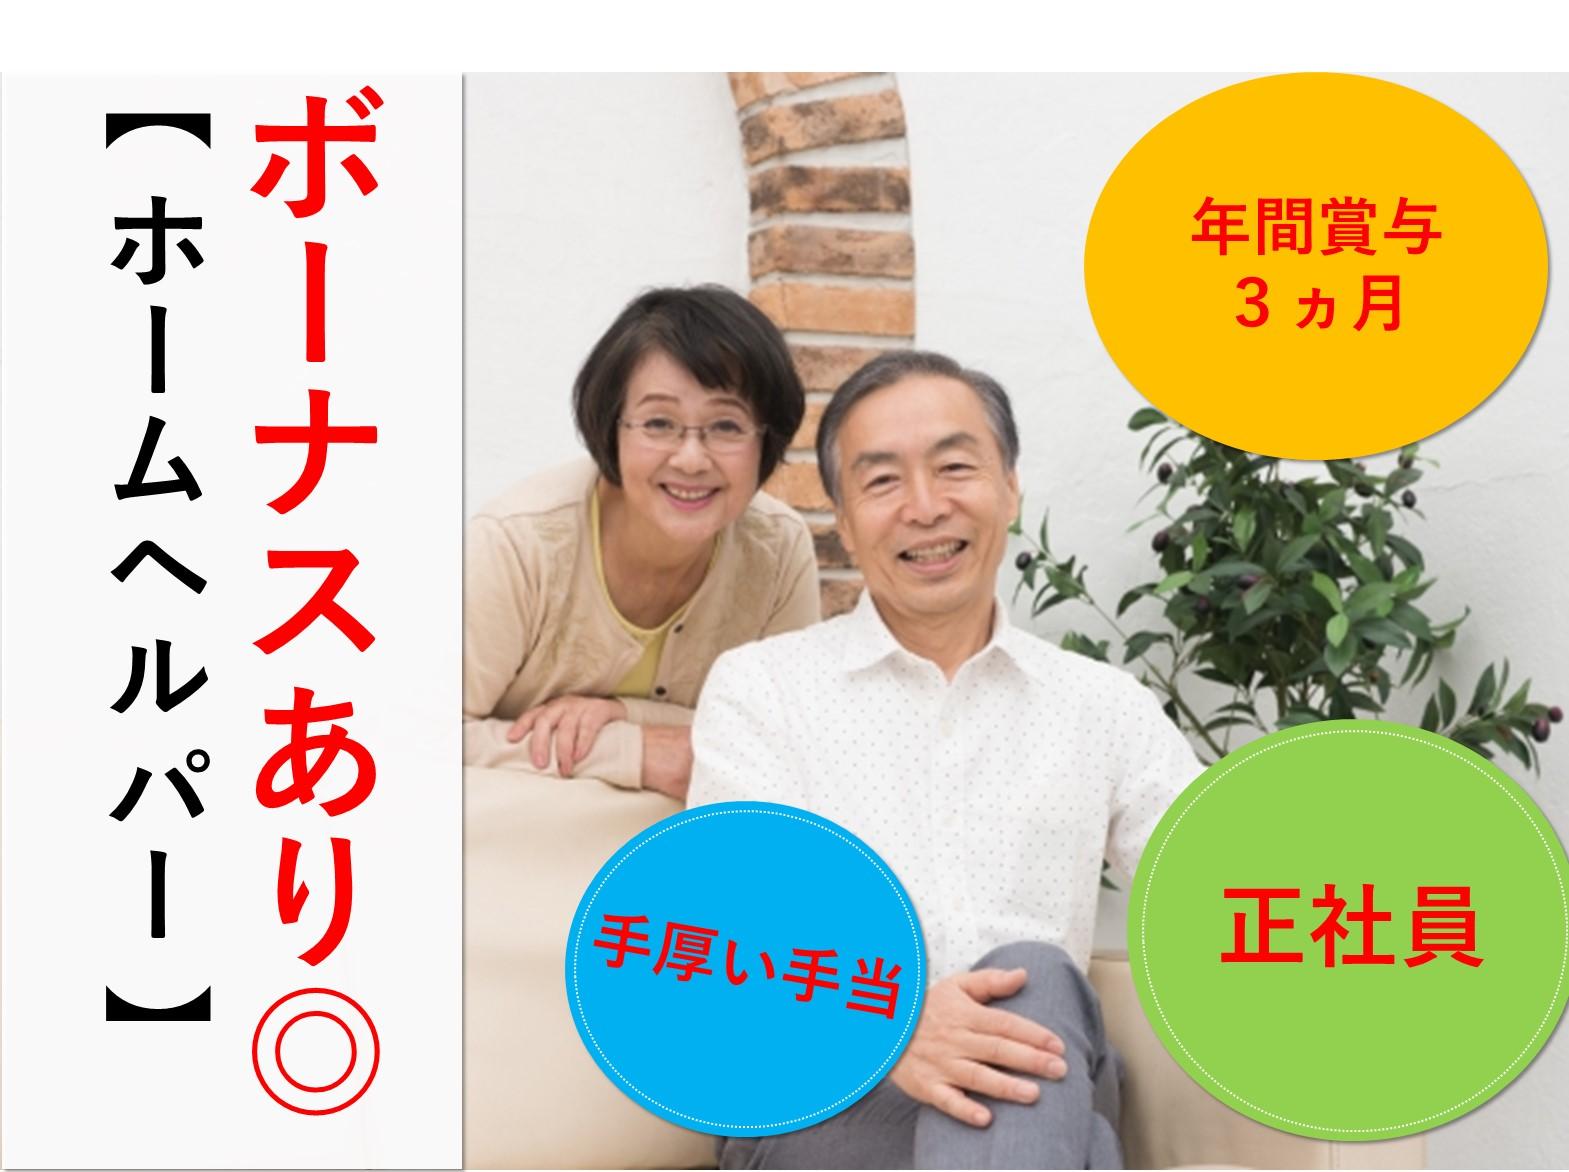 急募【正社員】ブランクOK!年間賞与3ヵ月♪有料老人ホームのホームヘルパー イメージ